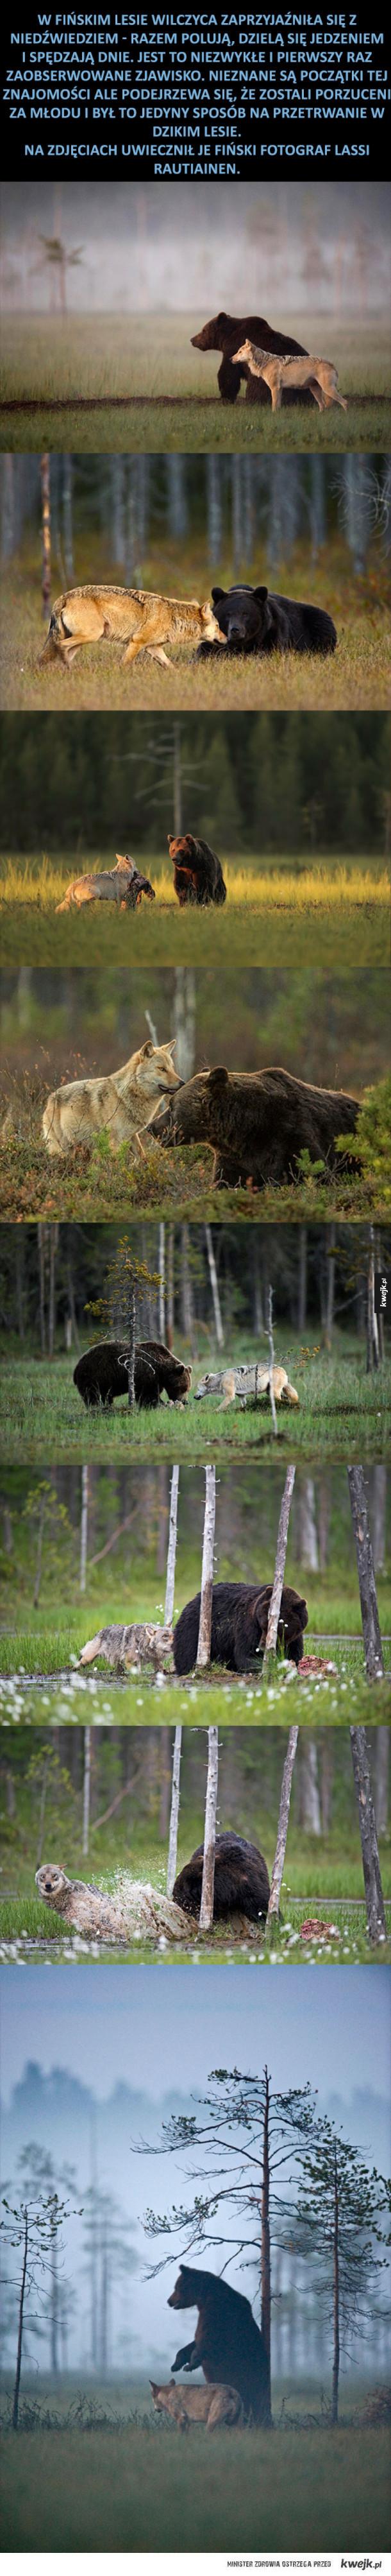 Wilczyca zaprzyjaźniła się z niedźwiedziem